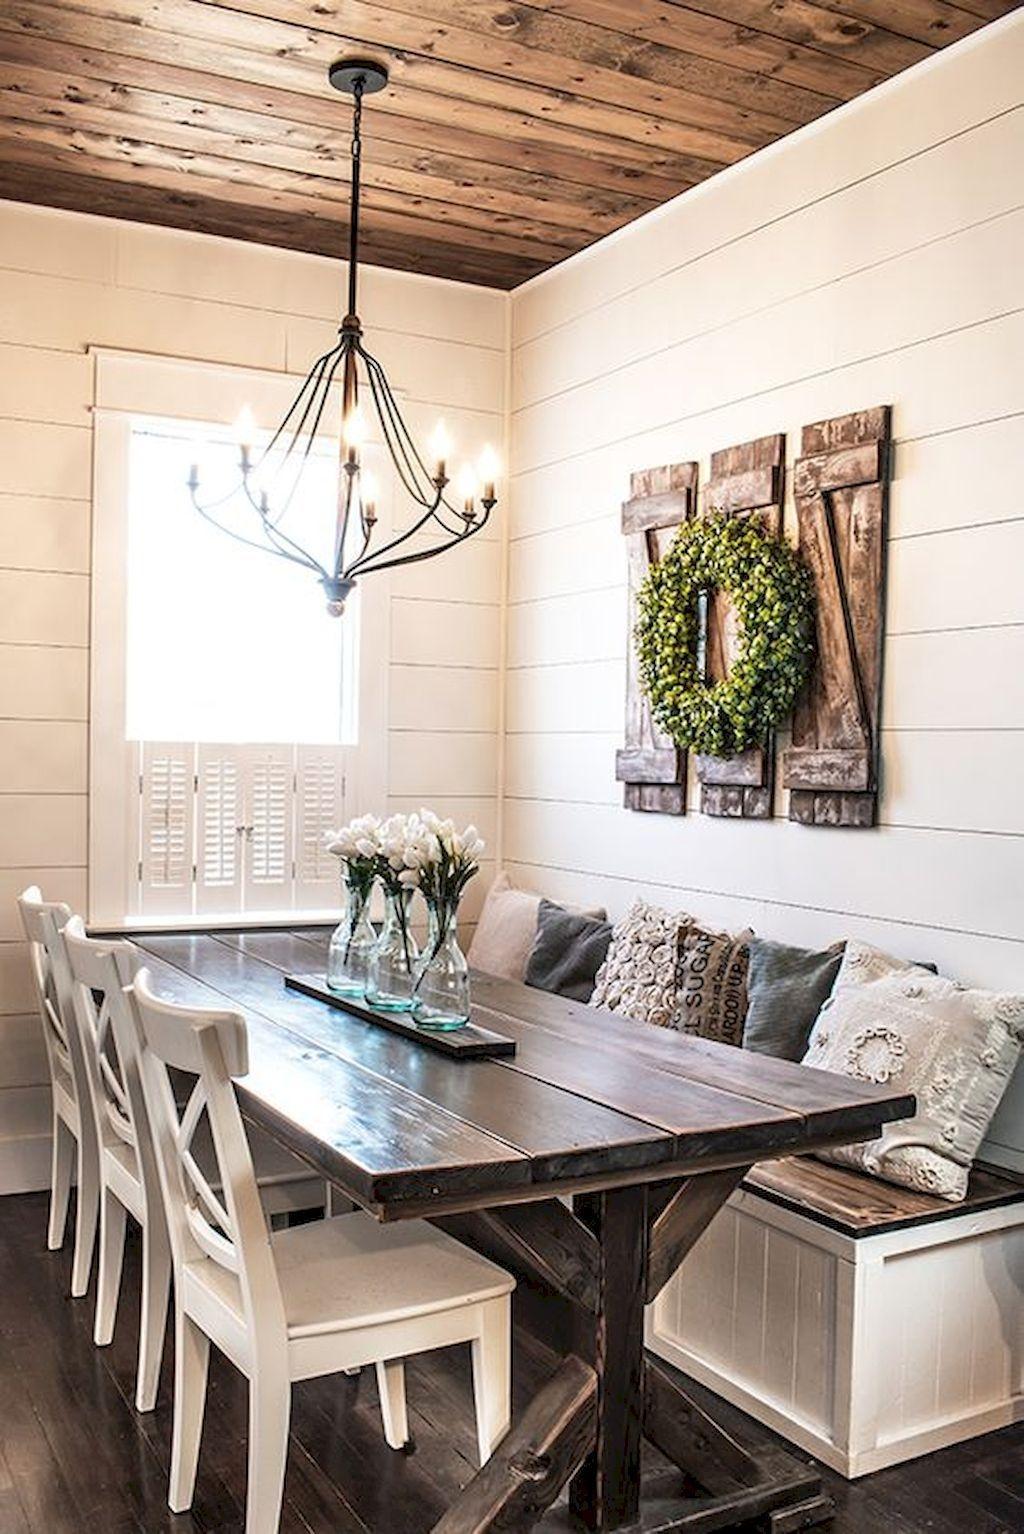 Popular Farmhouse Home Decor Ideas To Copy Asap 42